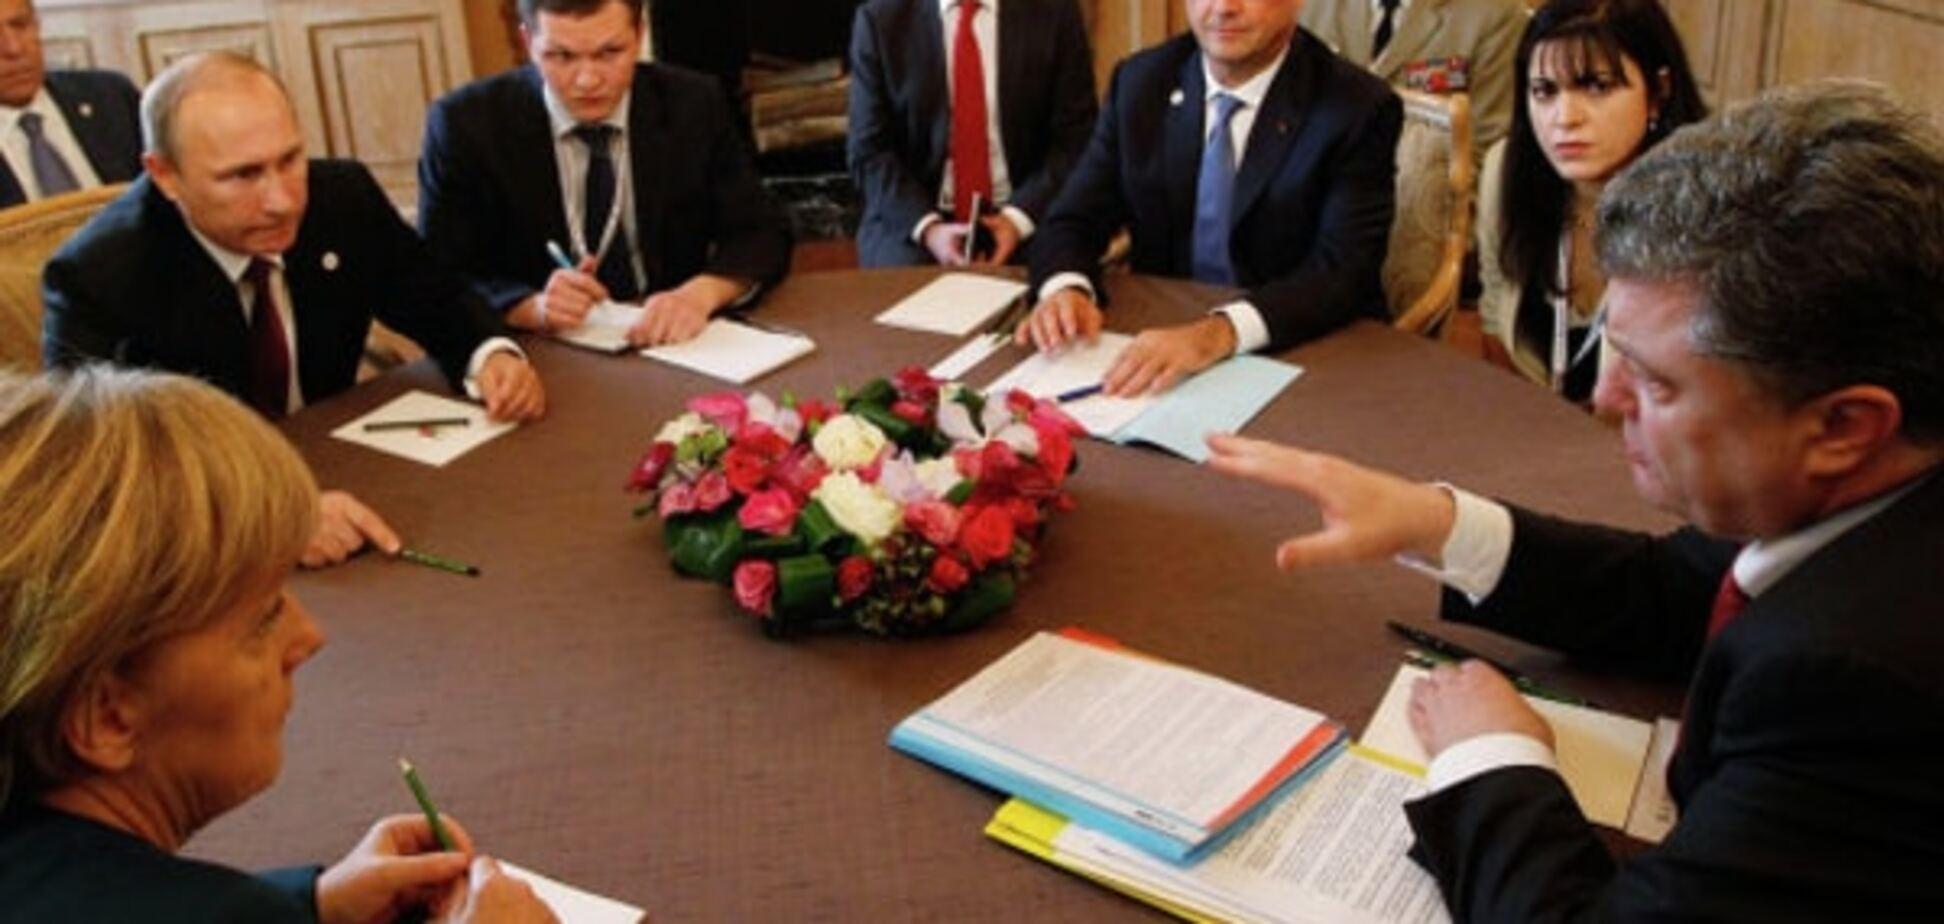 Украина не должна посылать миру 'мутные' сигналы - Ющенко